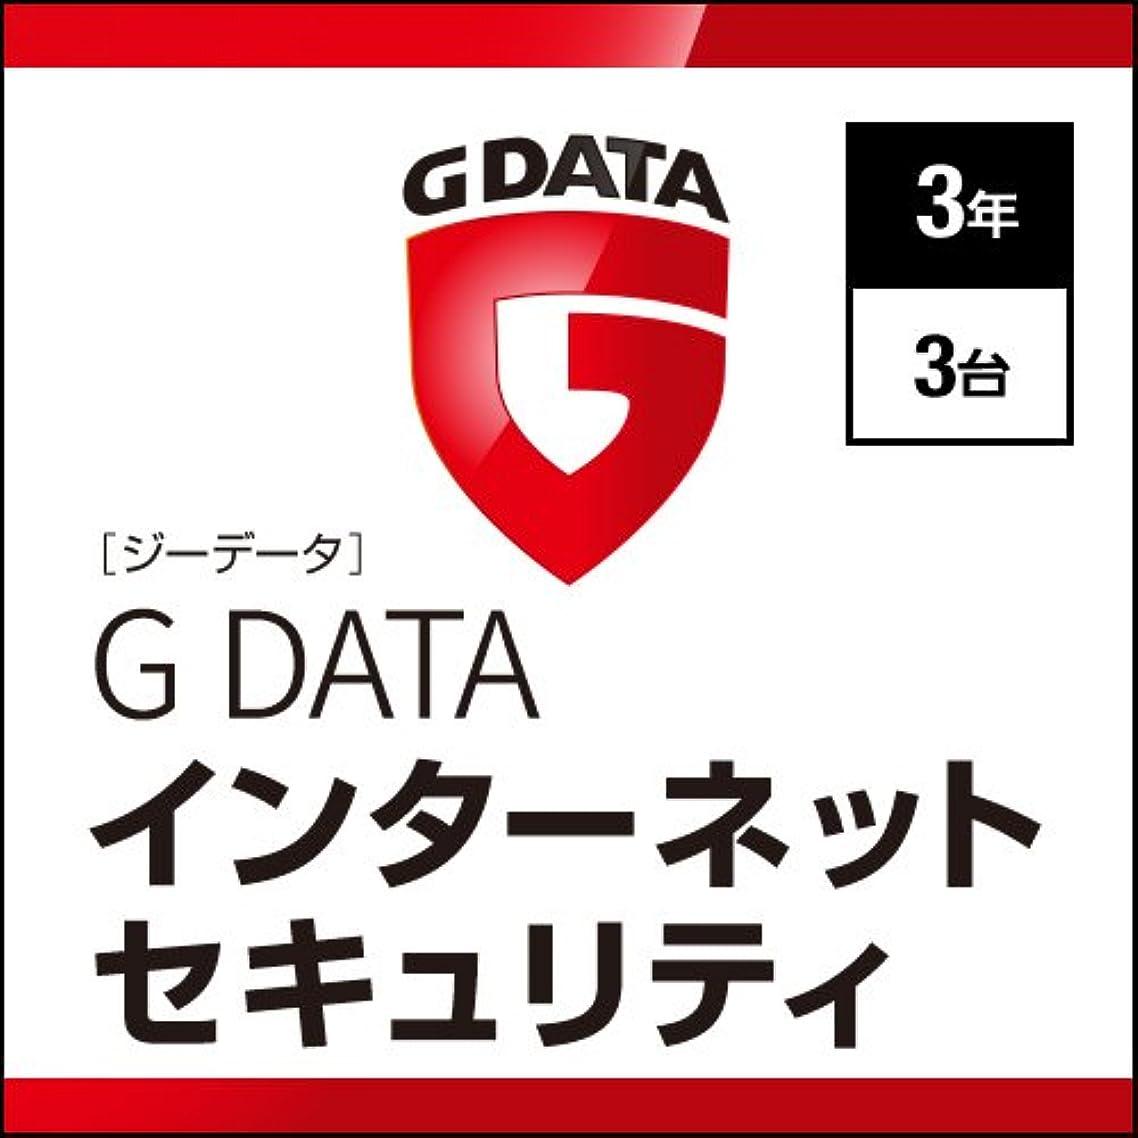 手数料換気する産地G DATA インターネットセキュリティ 3年3台|ダウンロード版